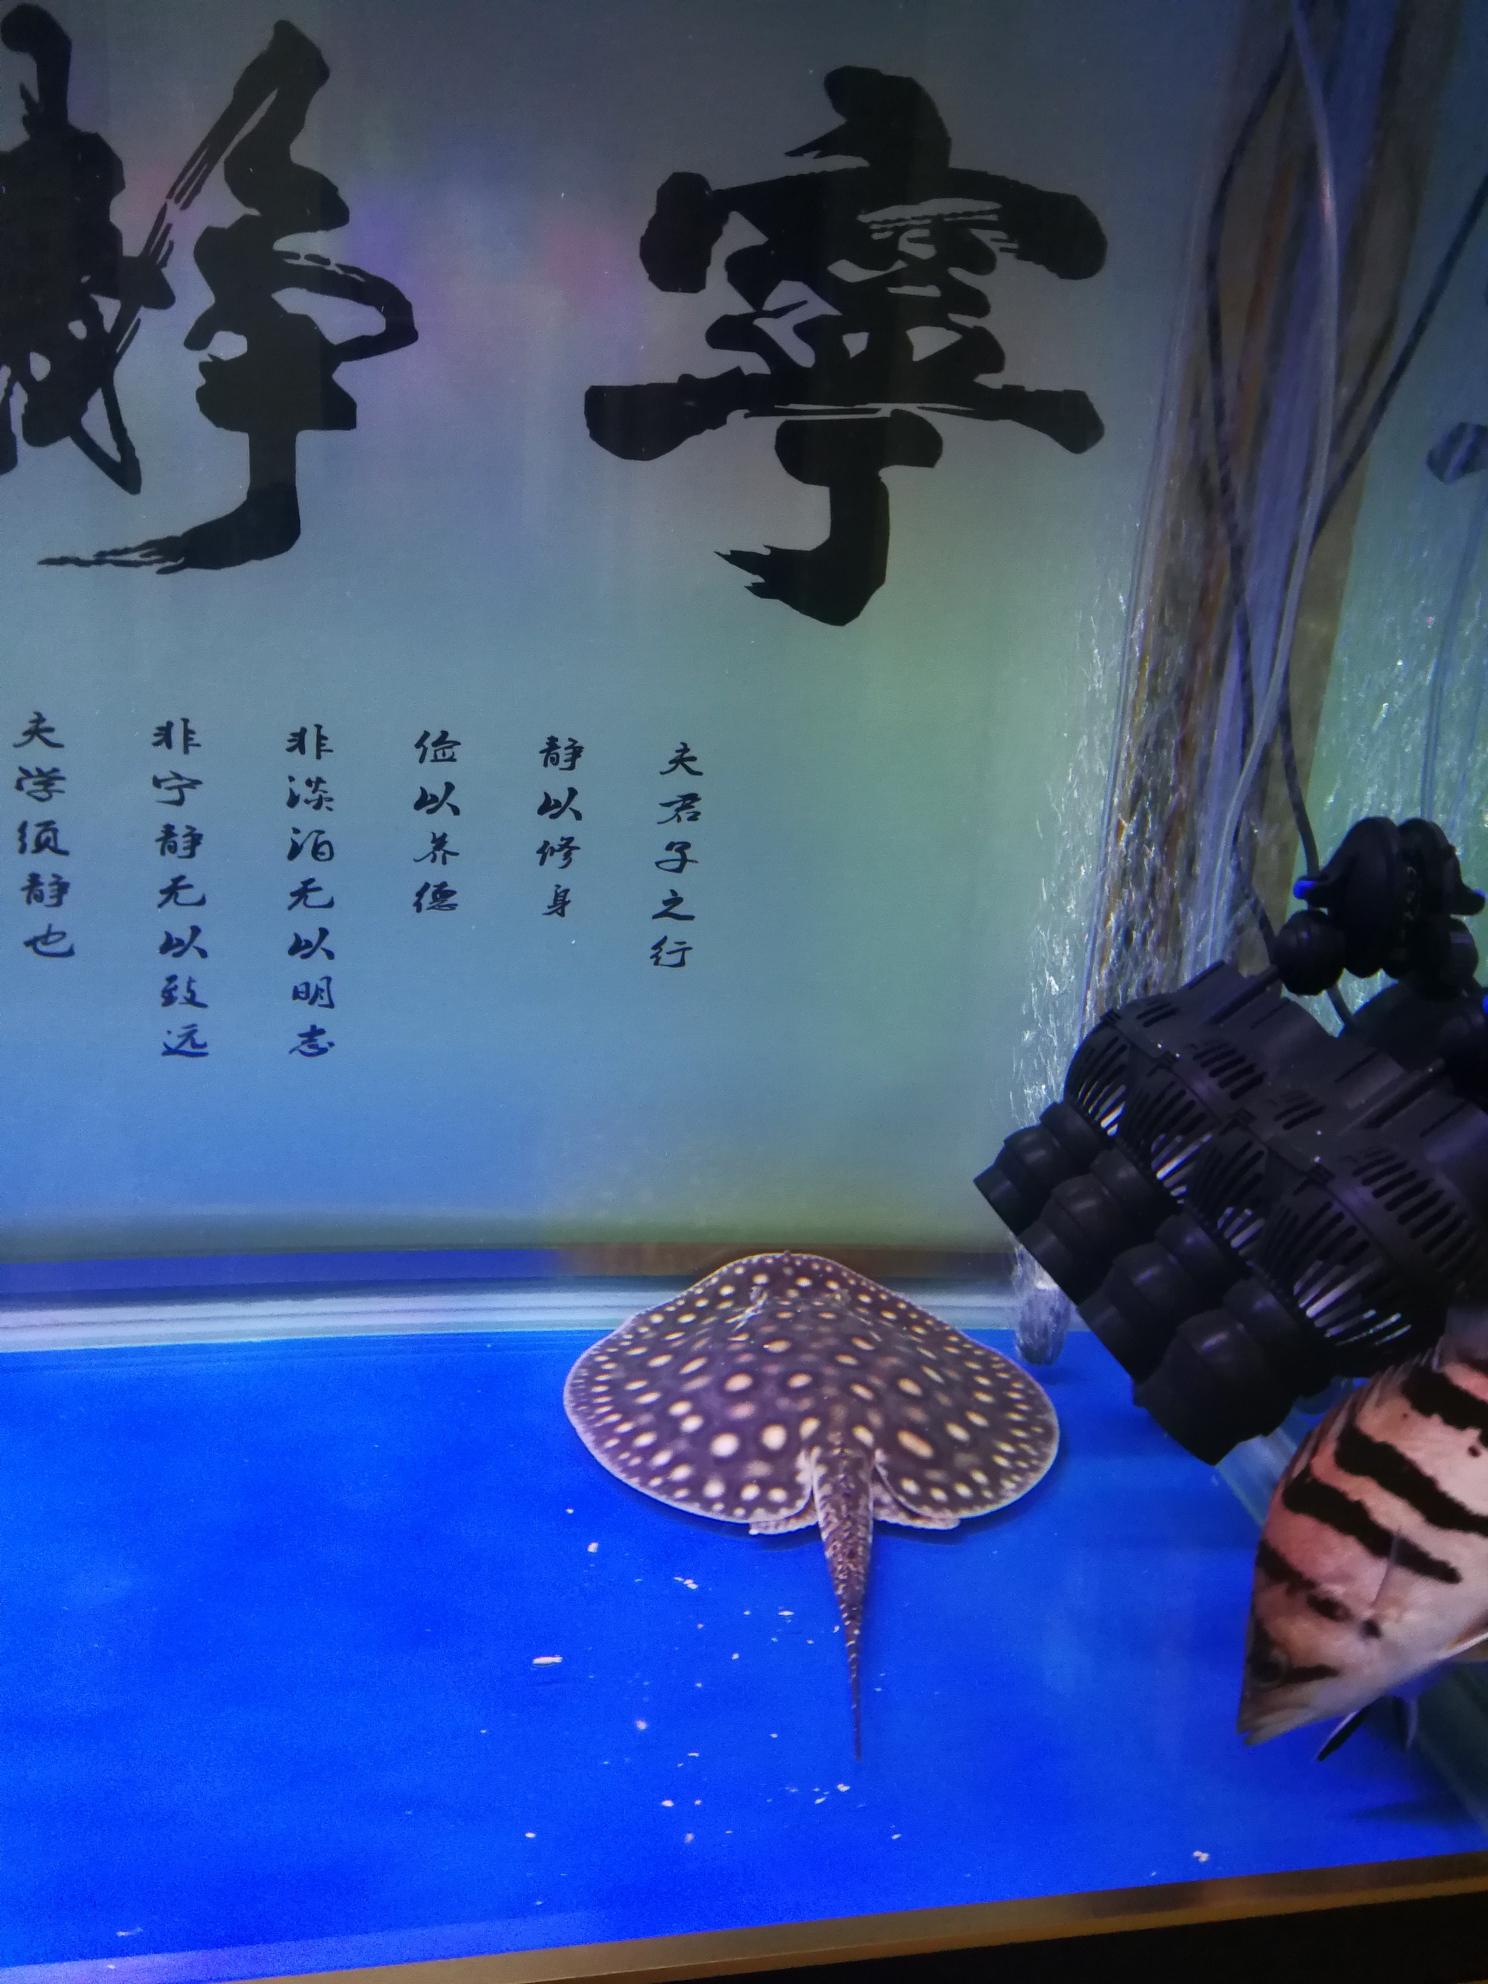 分享鱼的乐趣 延安龙鱼论坛 延安龙鱼第5张